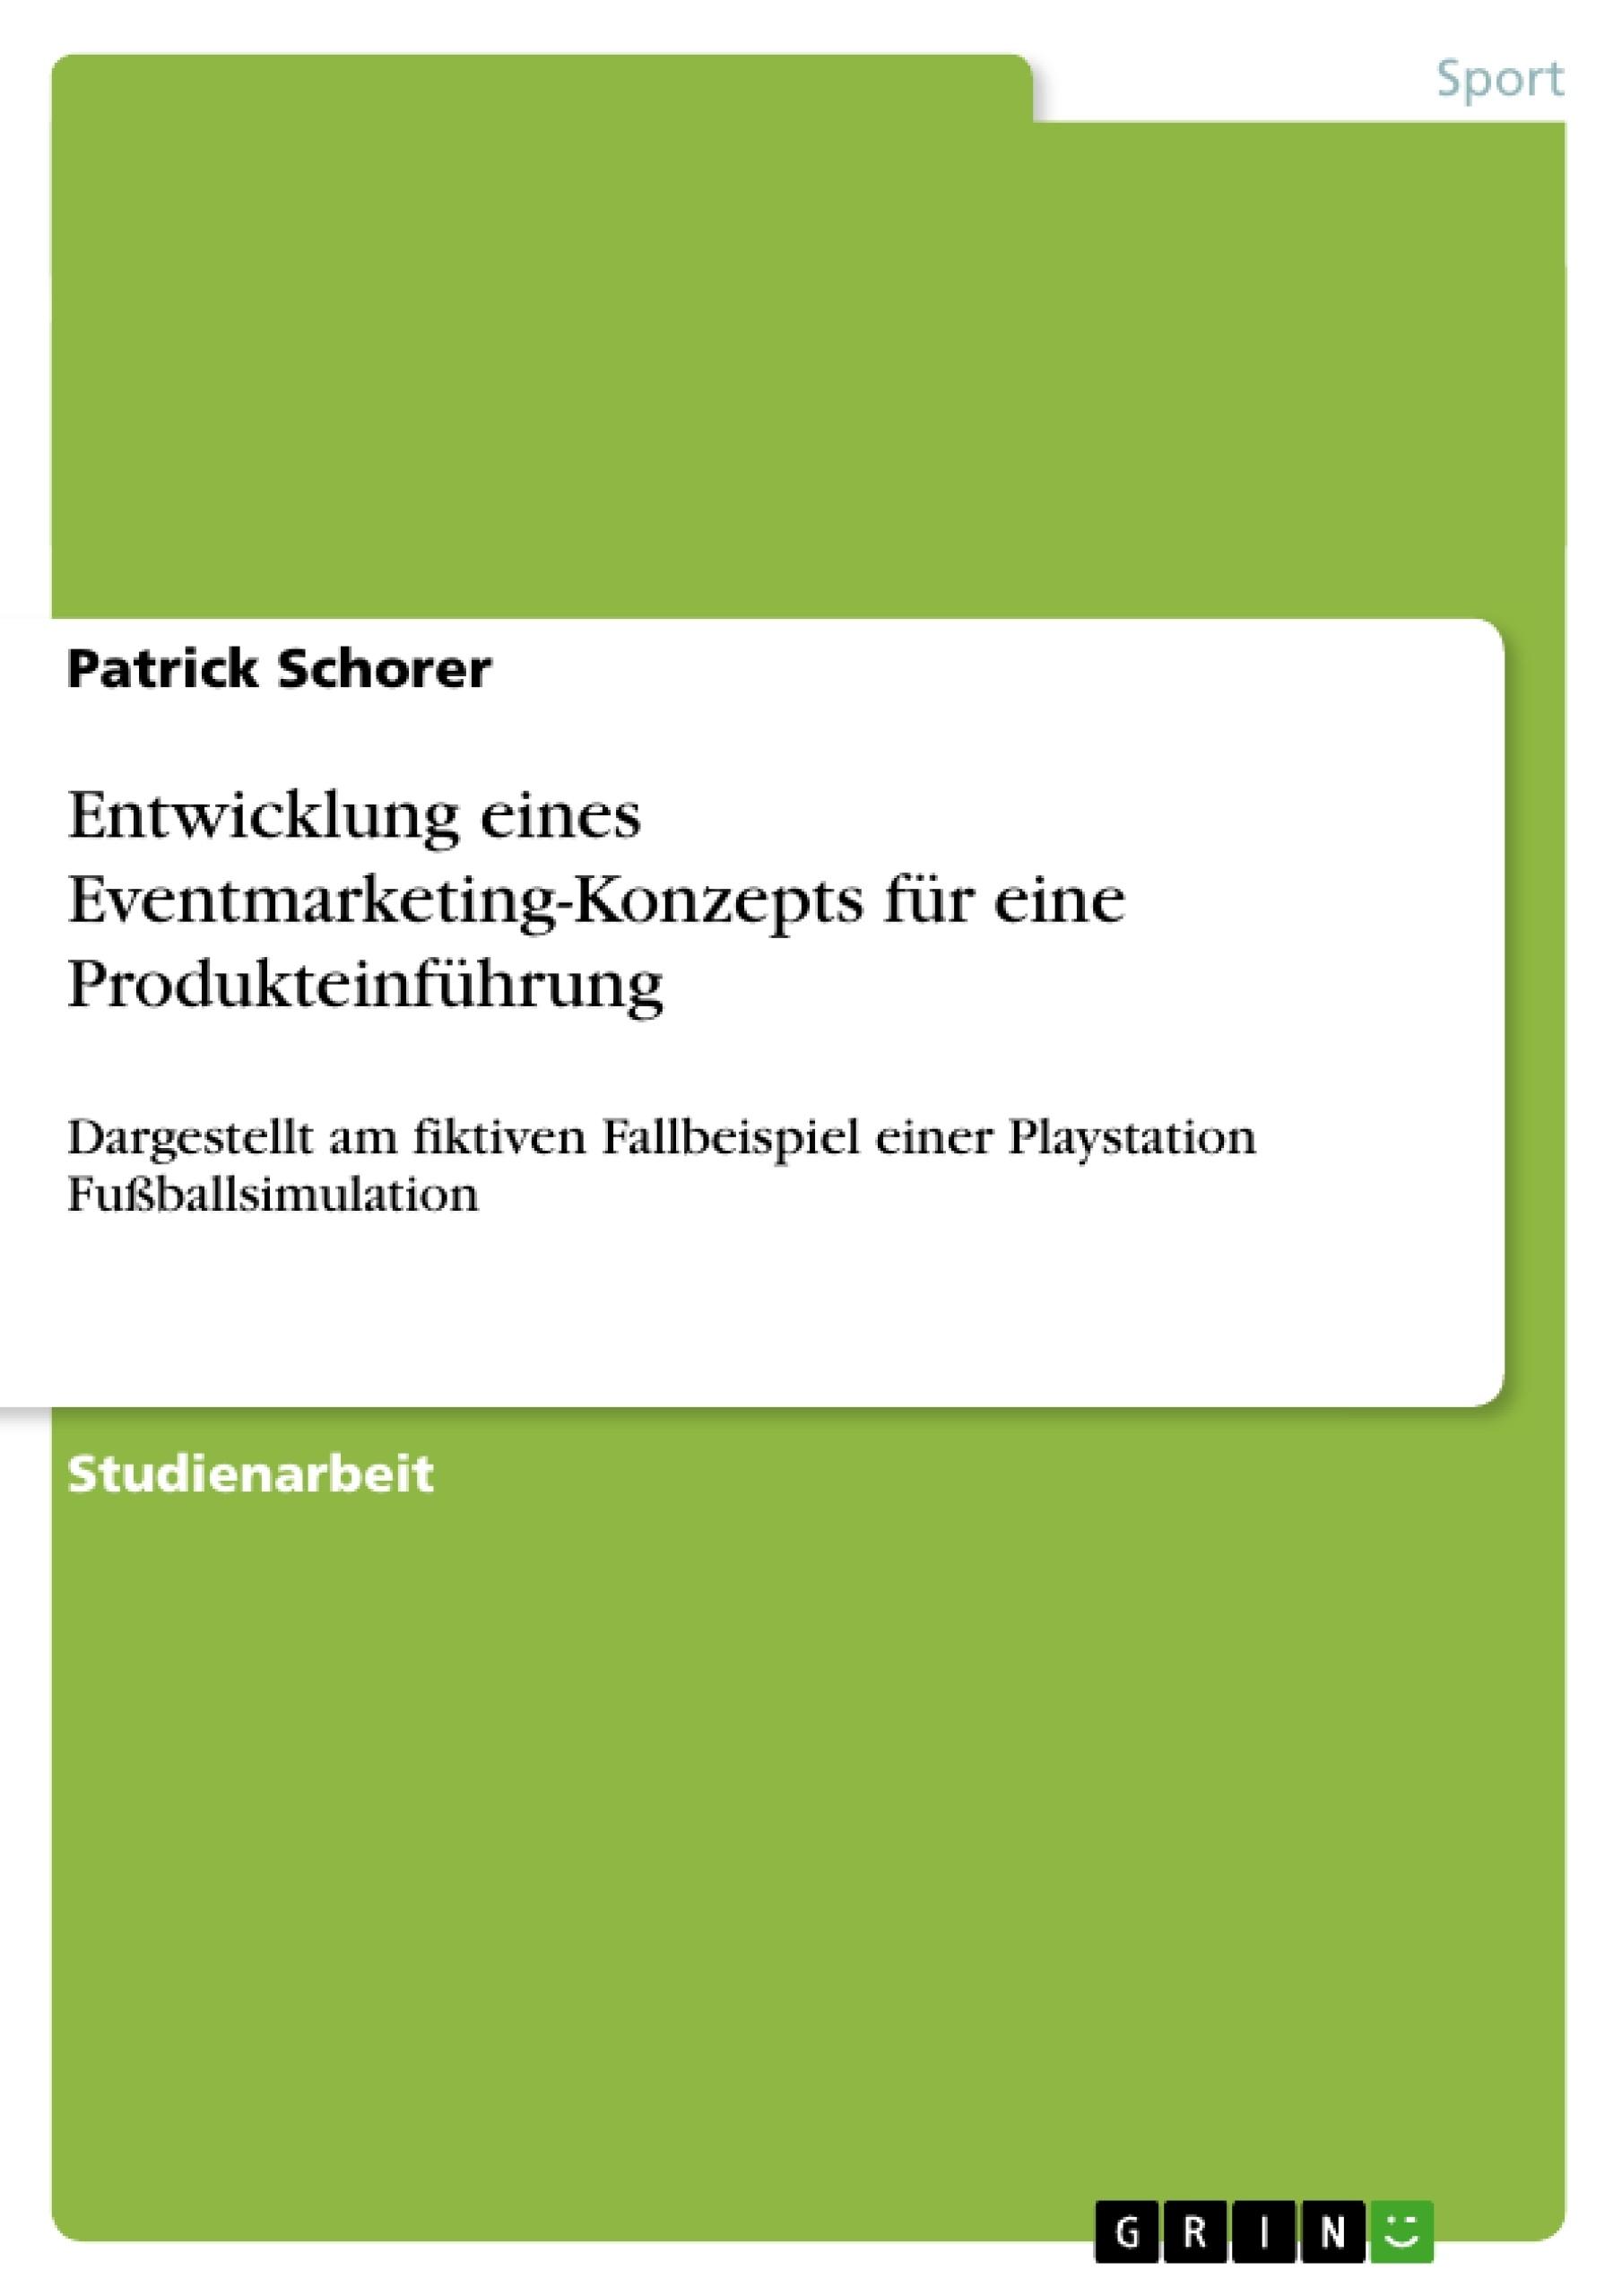 Titel: Entwicklung eines Eventmarketing-Konzepts für eine Produkteinführung